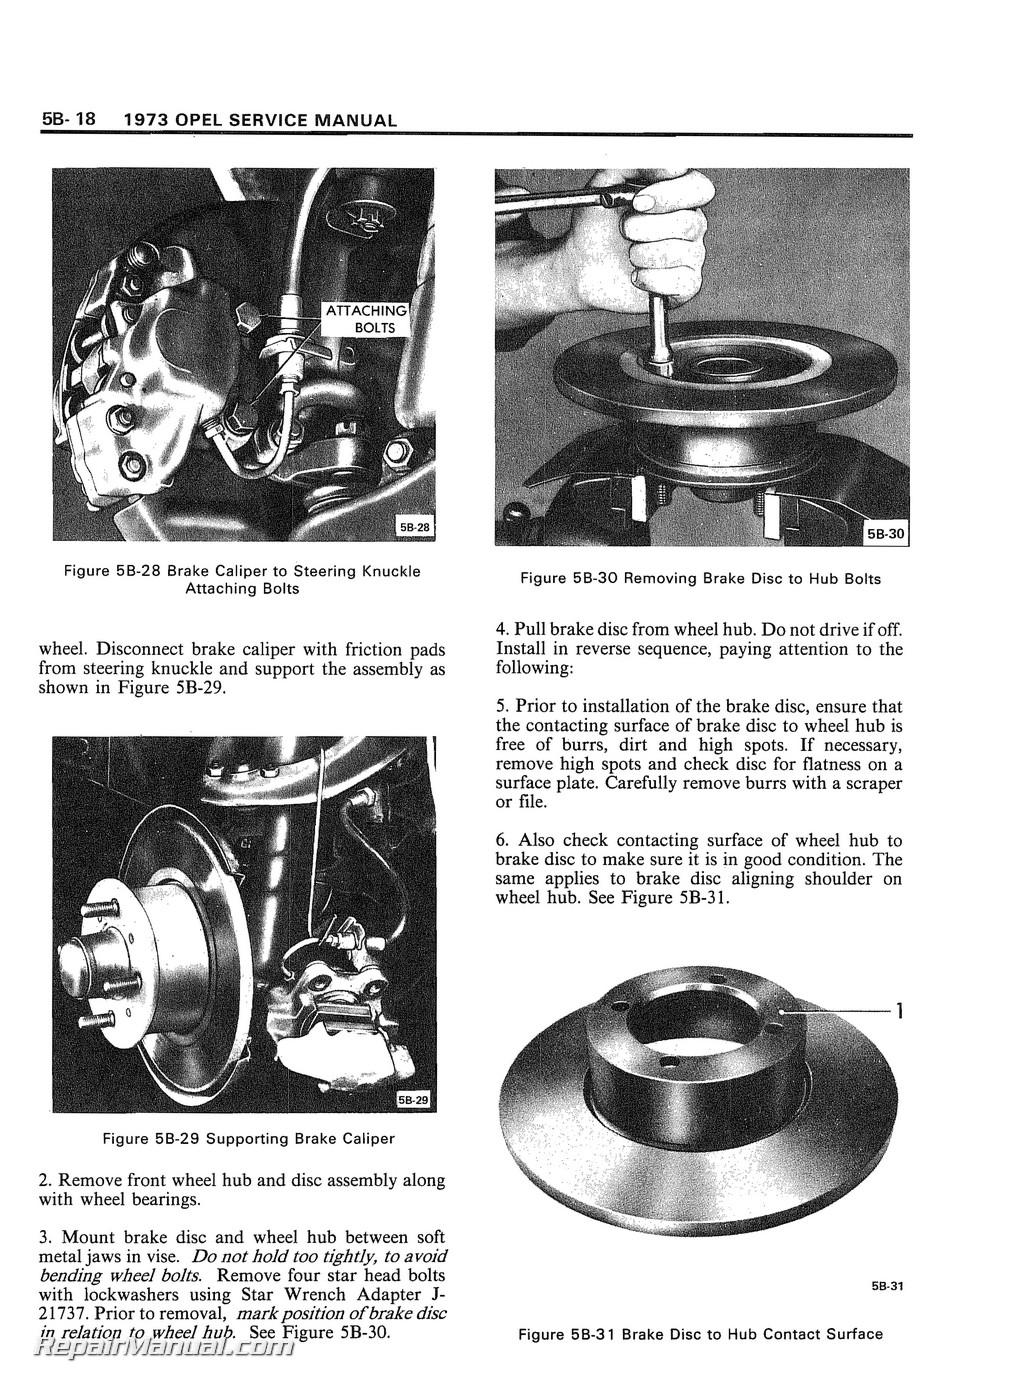 1973 opel 1900 manta and gt service manual rh repairmanual com Craftsman Garage Door Opener Manual Chamberlain Garage Door Opener Manual